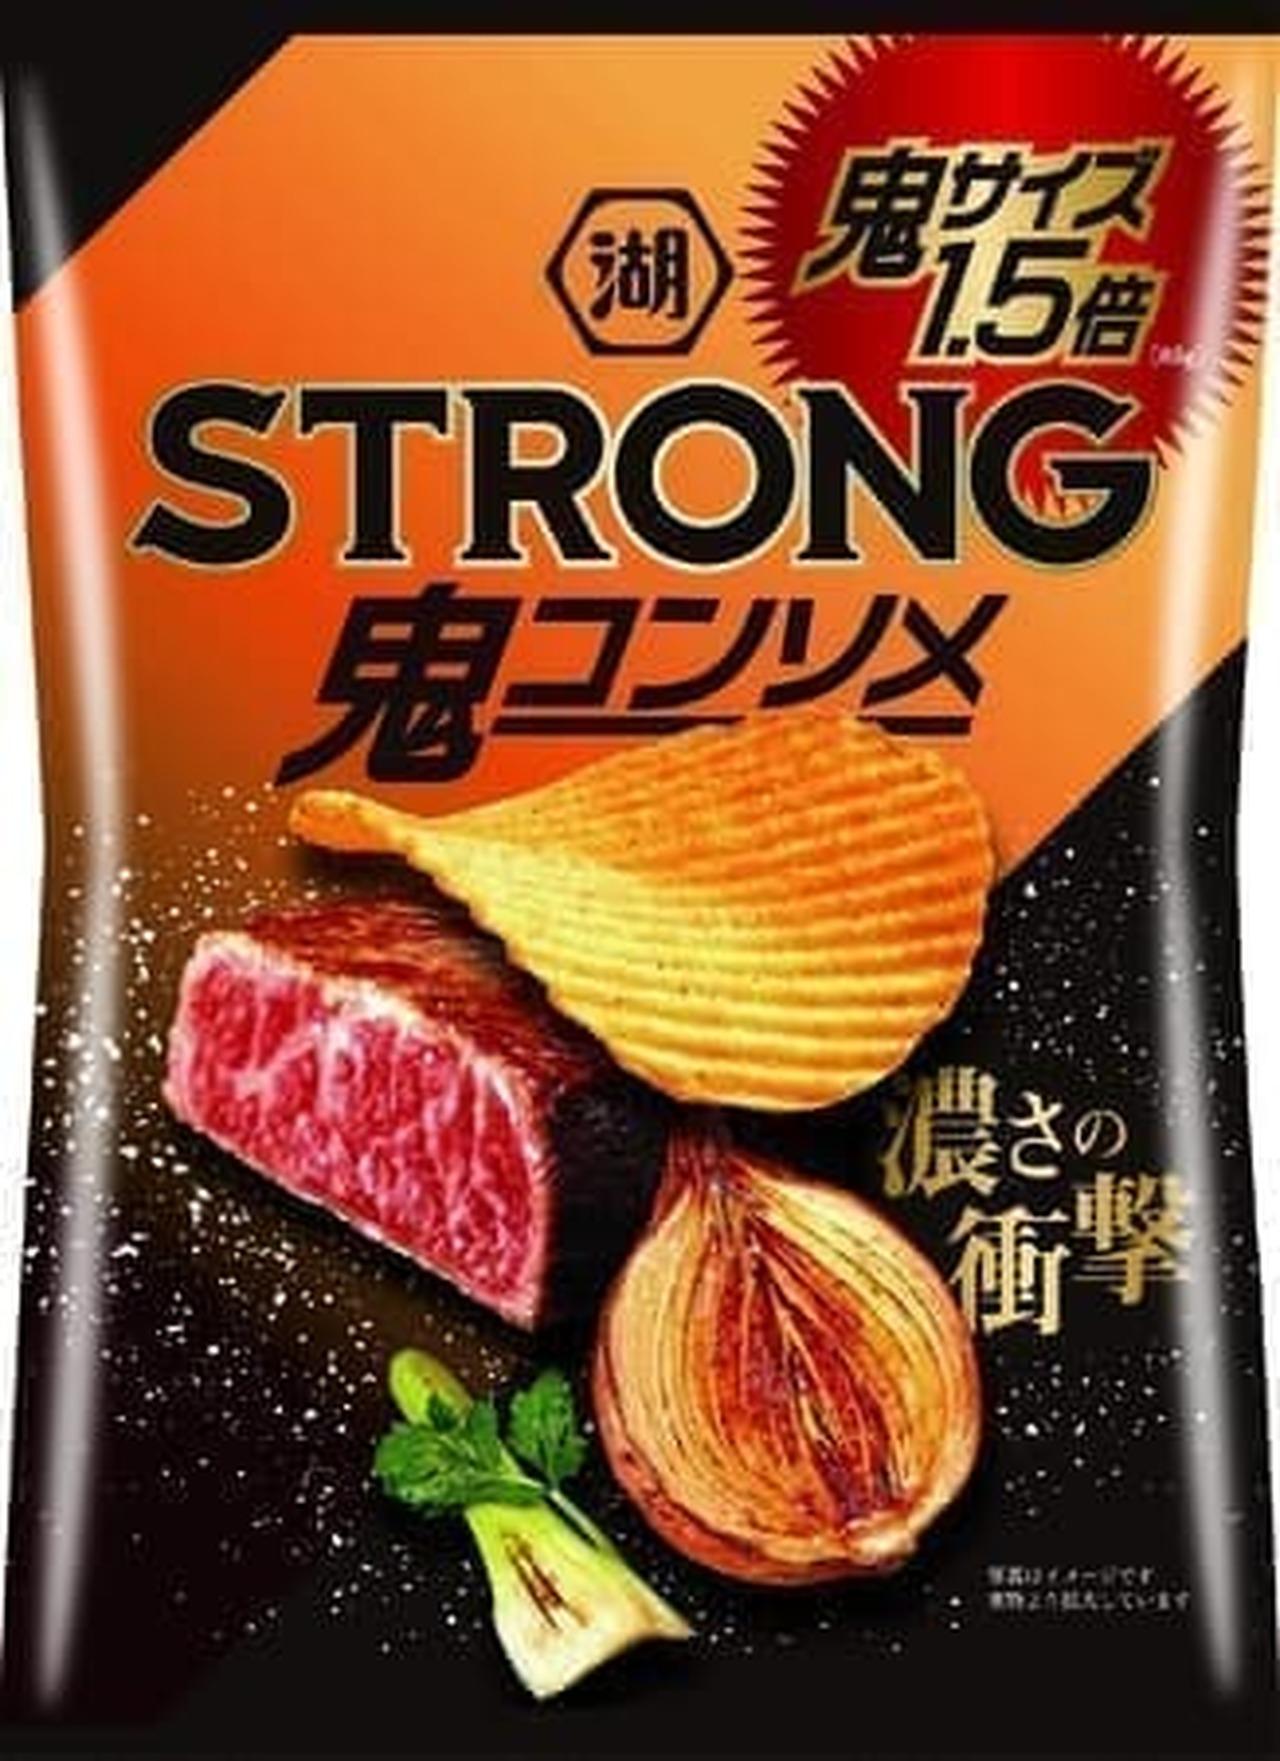 湖池屋STRONG ポテトチップス 鬼コンソメ 鬼サイズ1.5倍